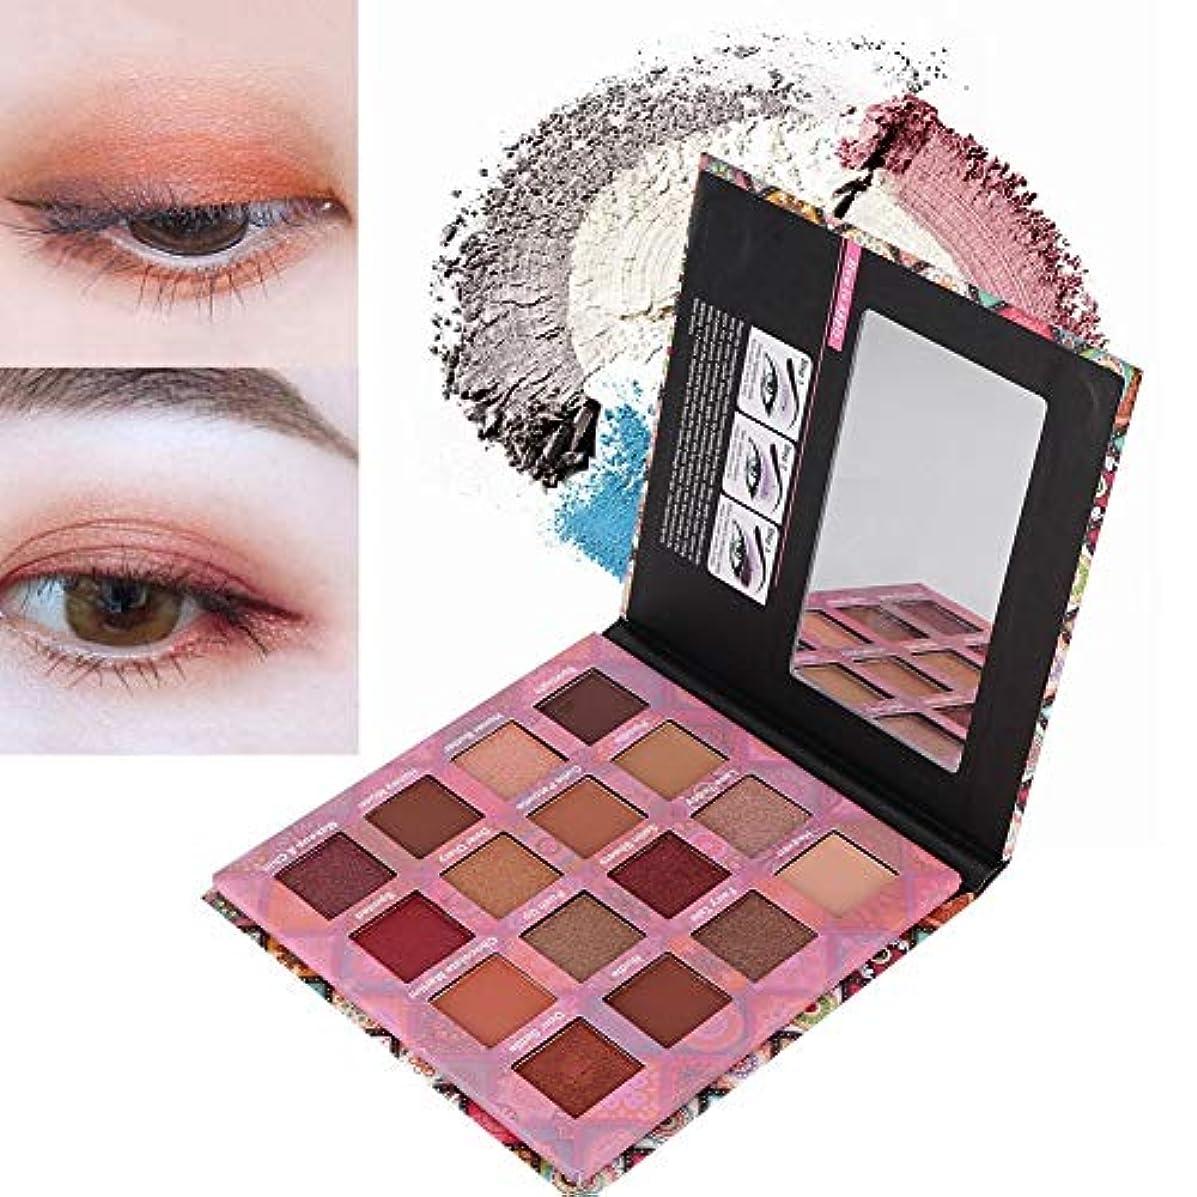 処理するデイジーシャーロックホームズ16色 初心者 アイシャドウパレット アイシャドウパレット 化粧マット グロス アイシャドウパウダー 化粧品ツール